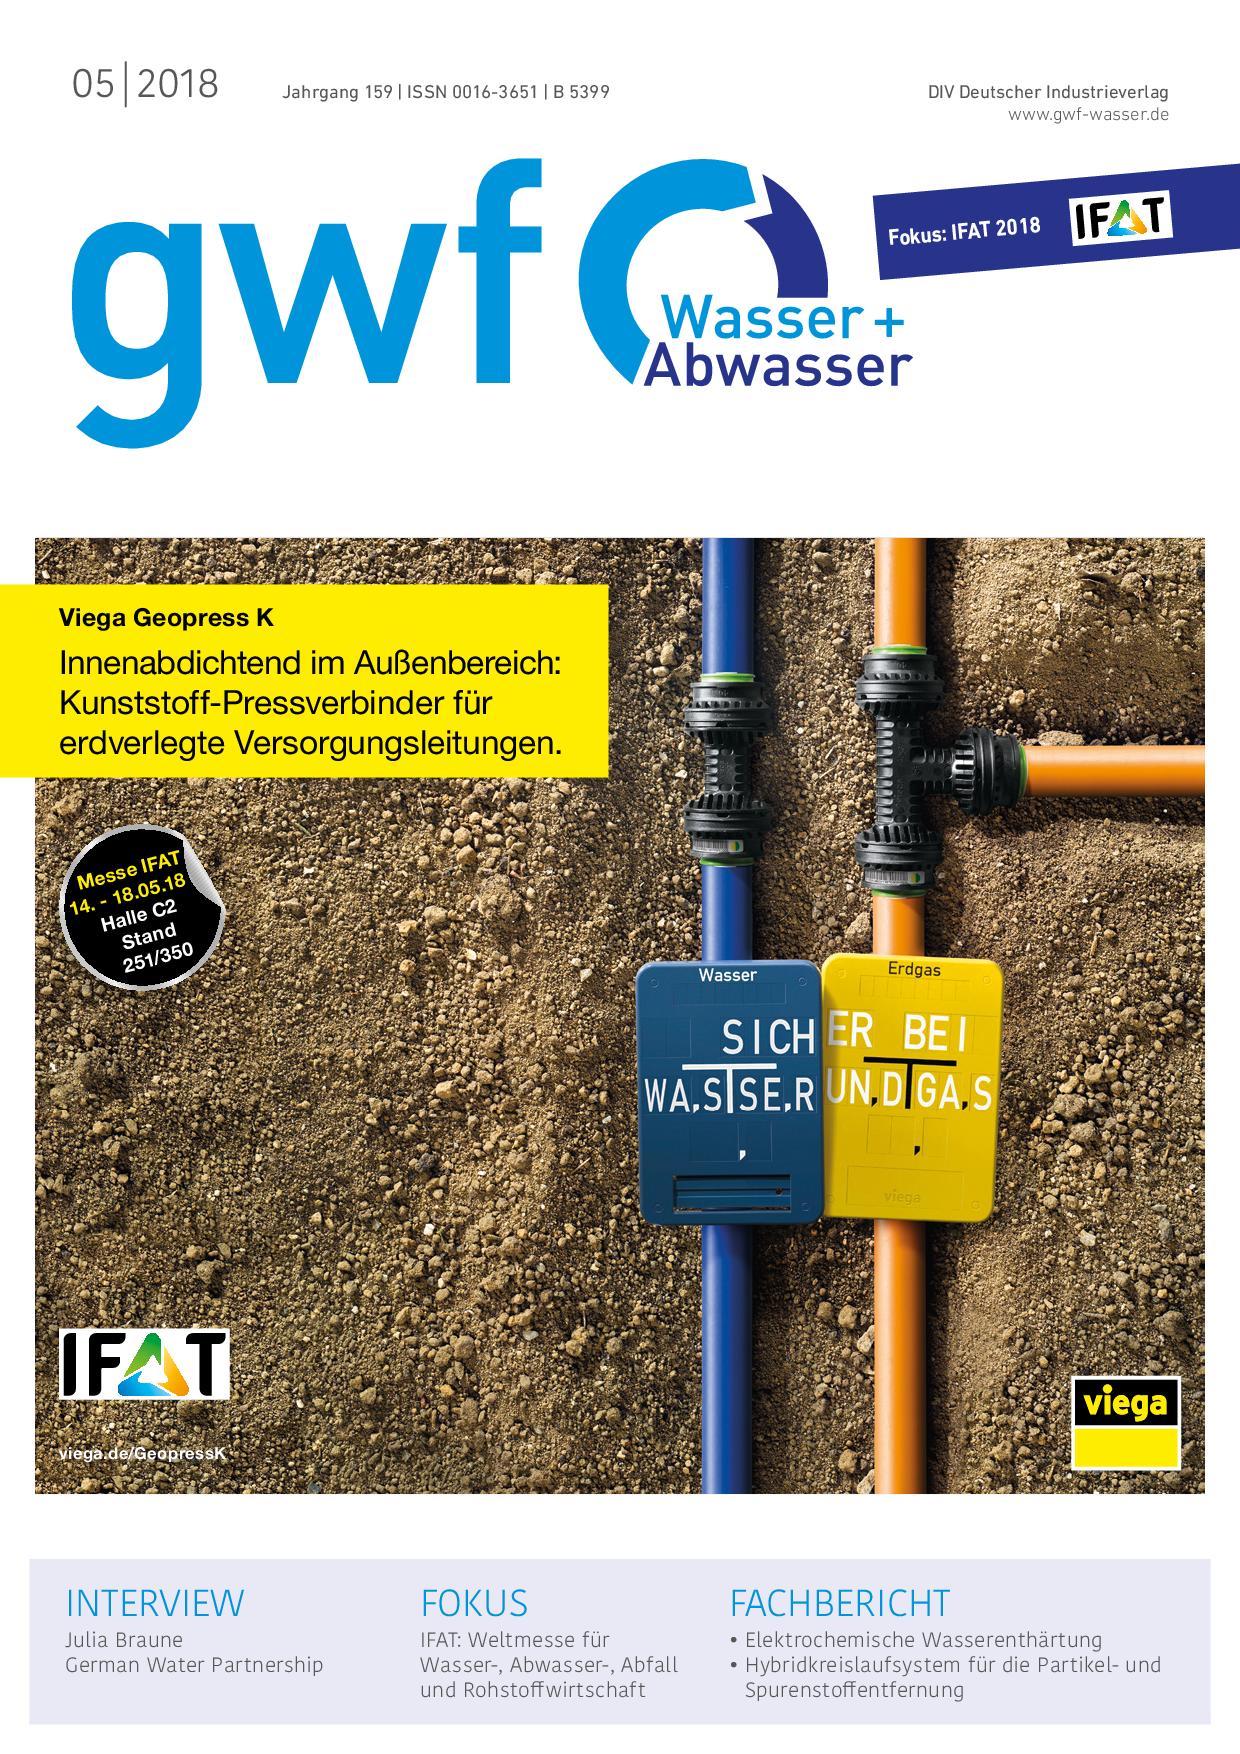 gwf – Wasser|Abwasser – 05 2018